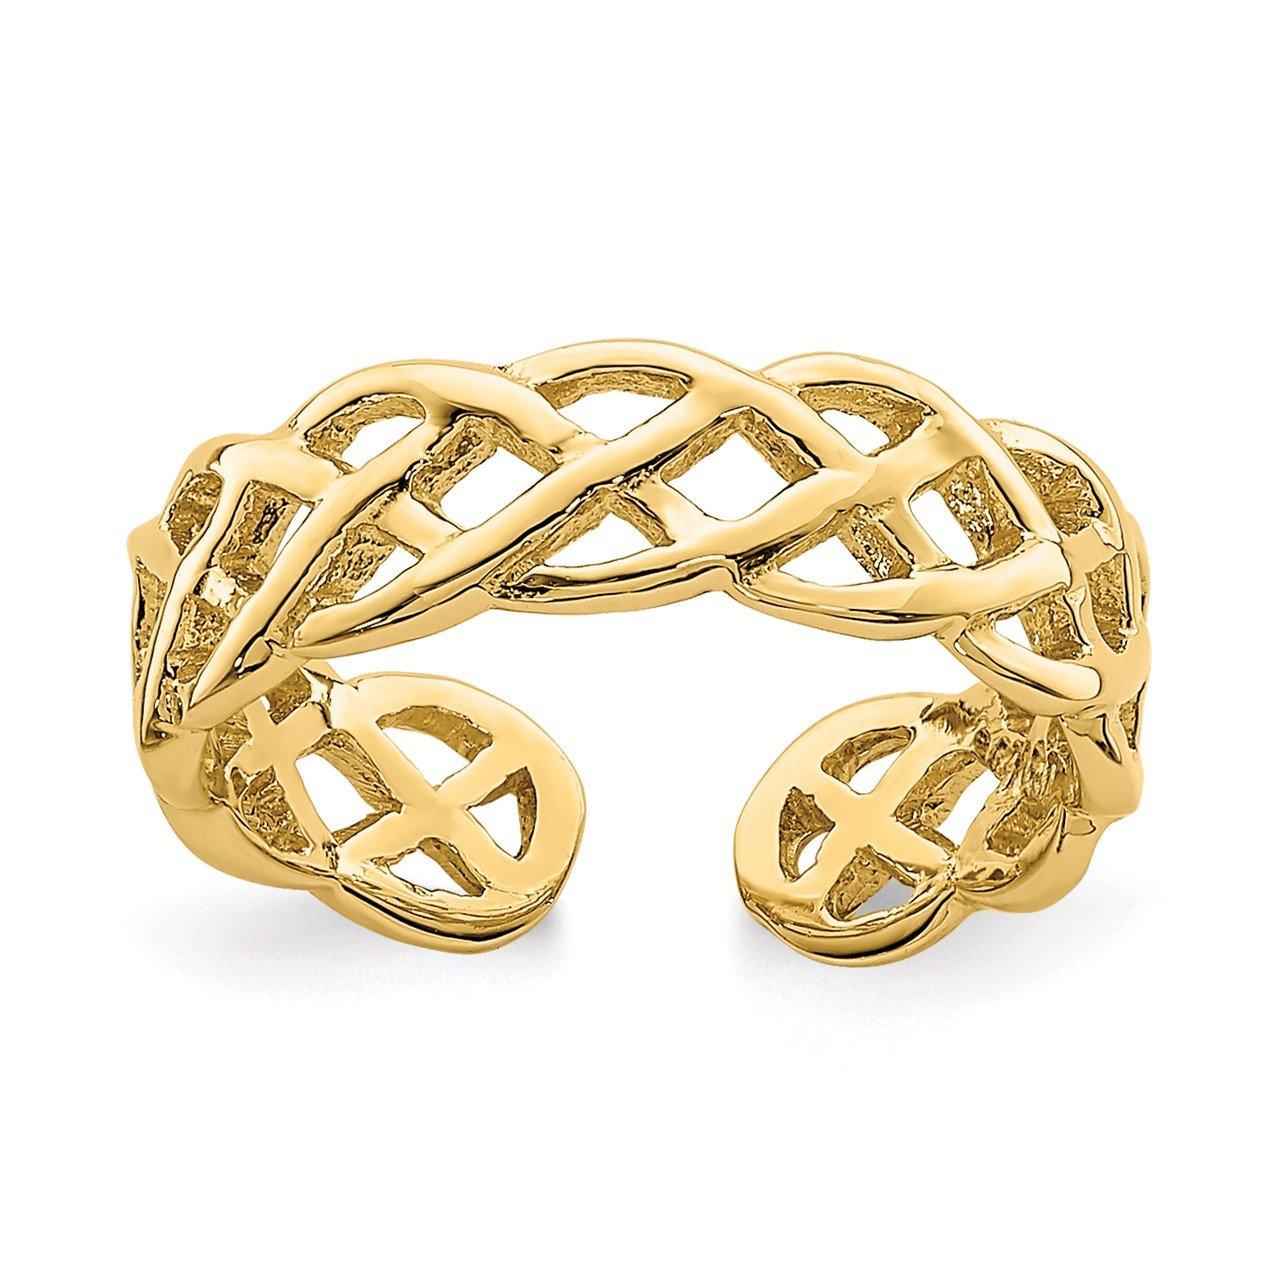 14K Polished Braided Toe Ring